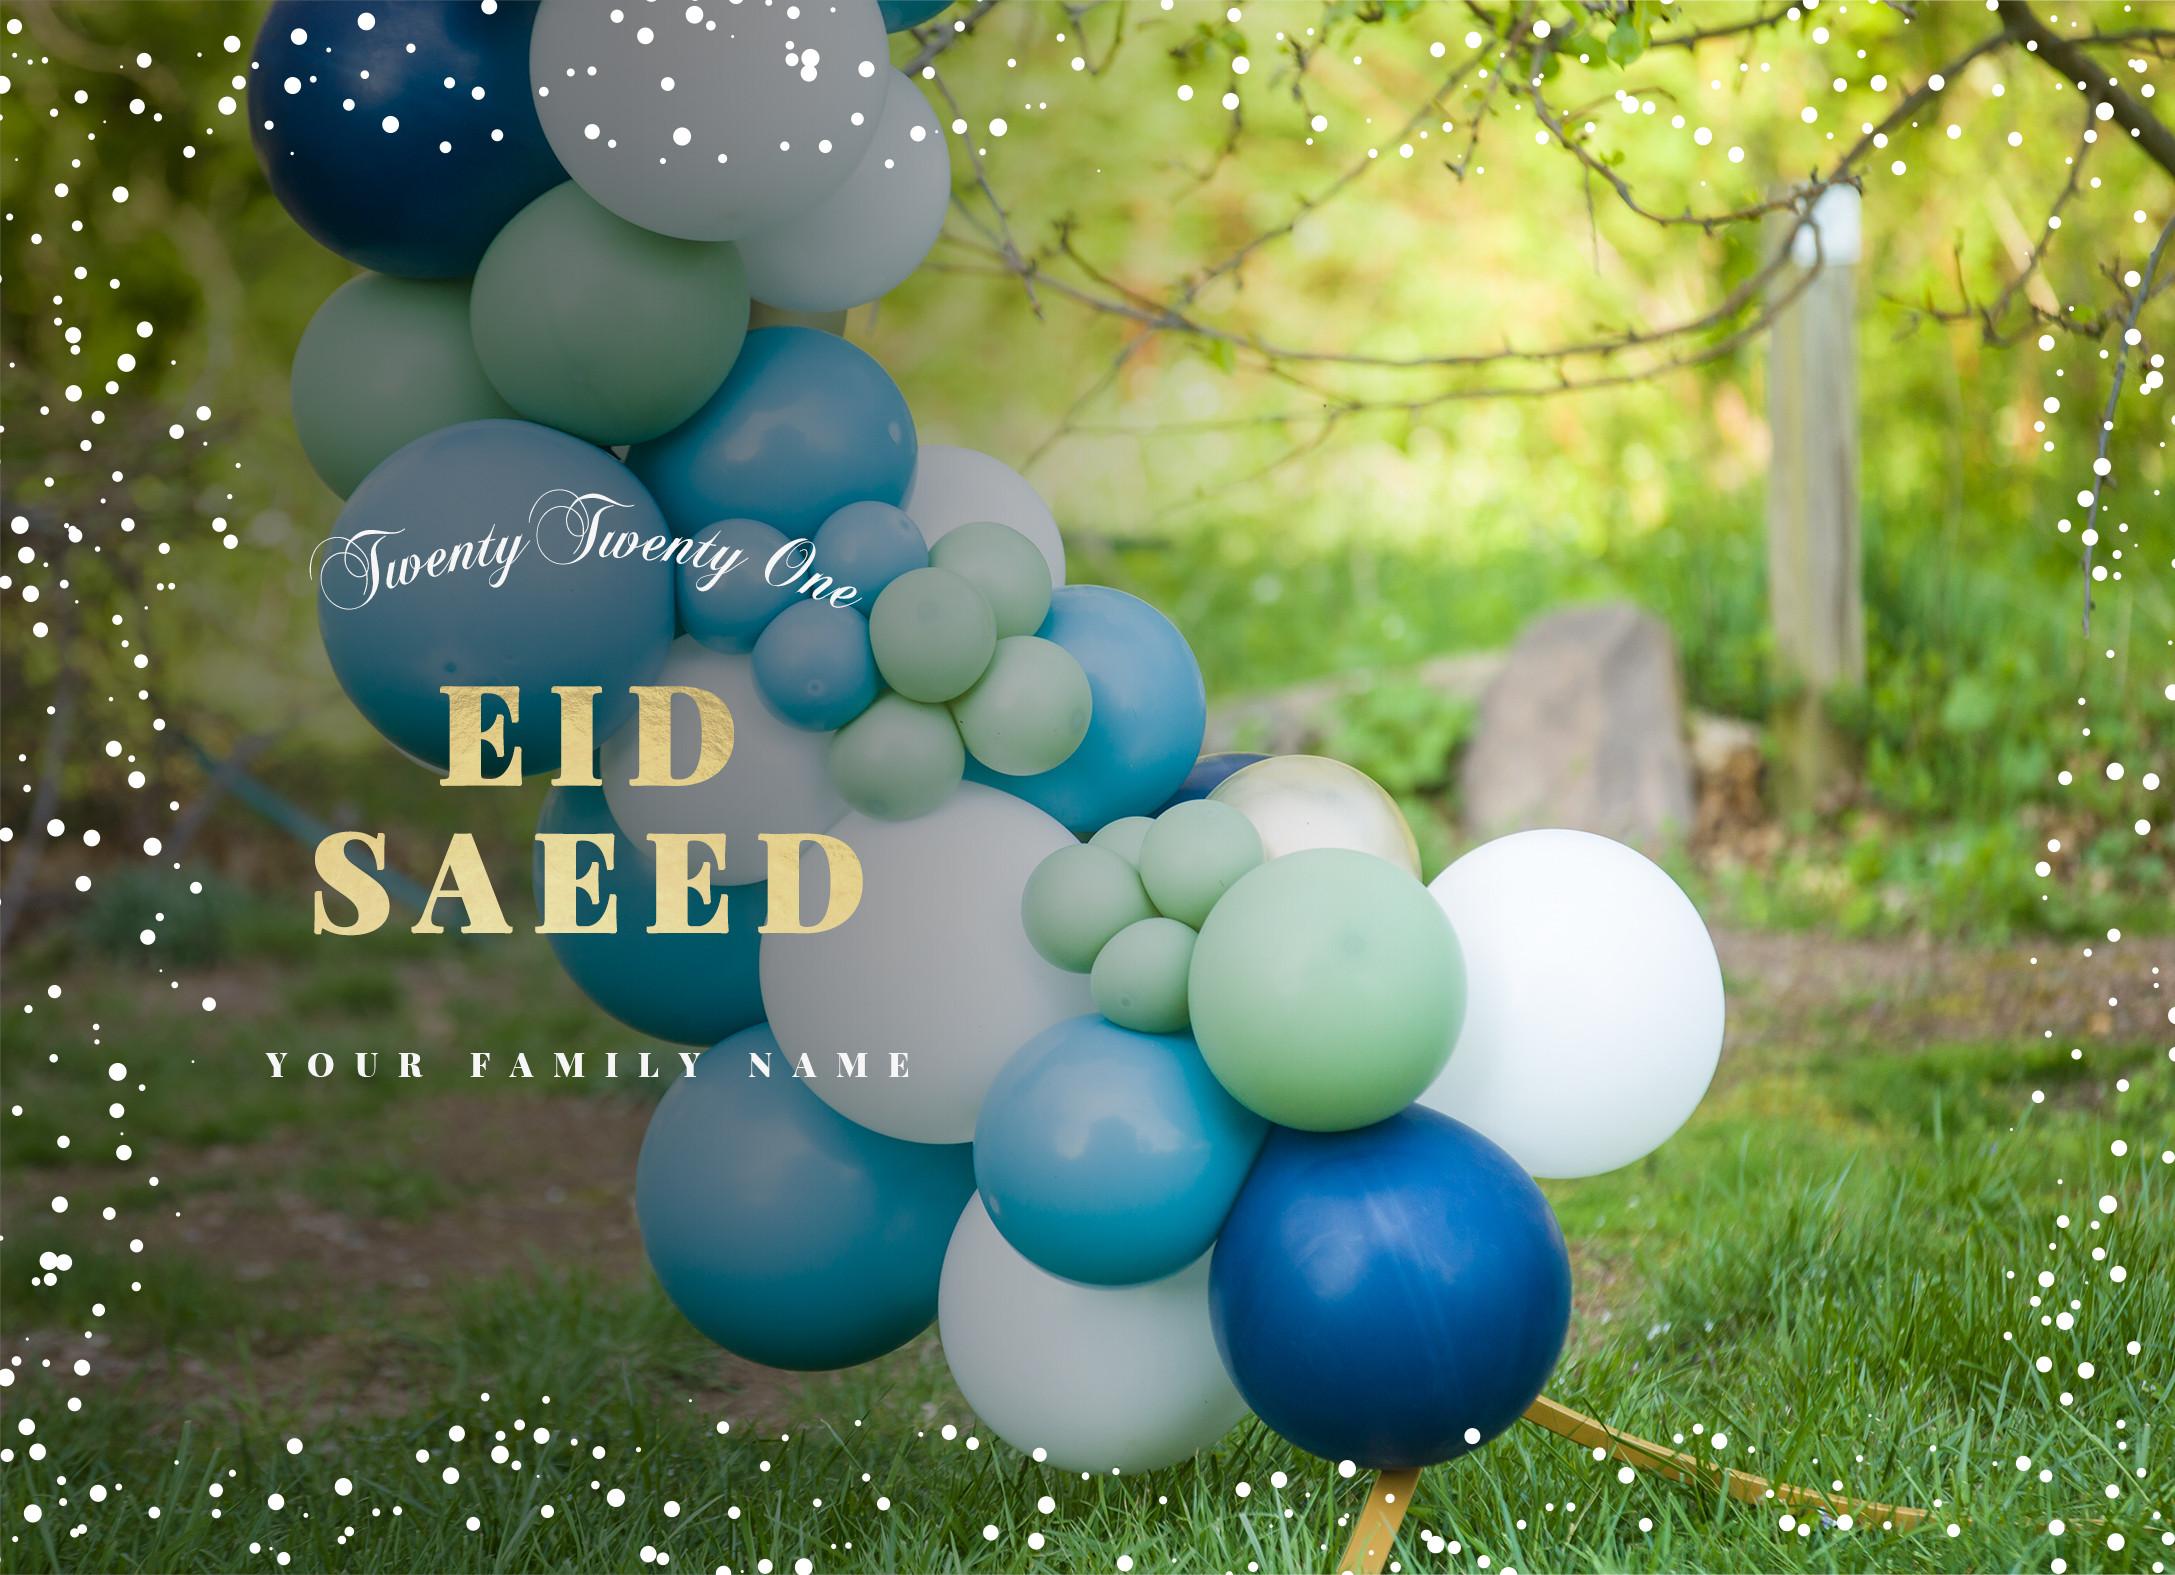 Eid Family Photos